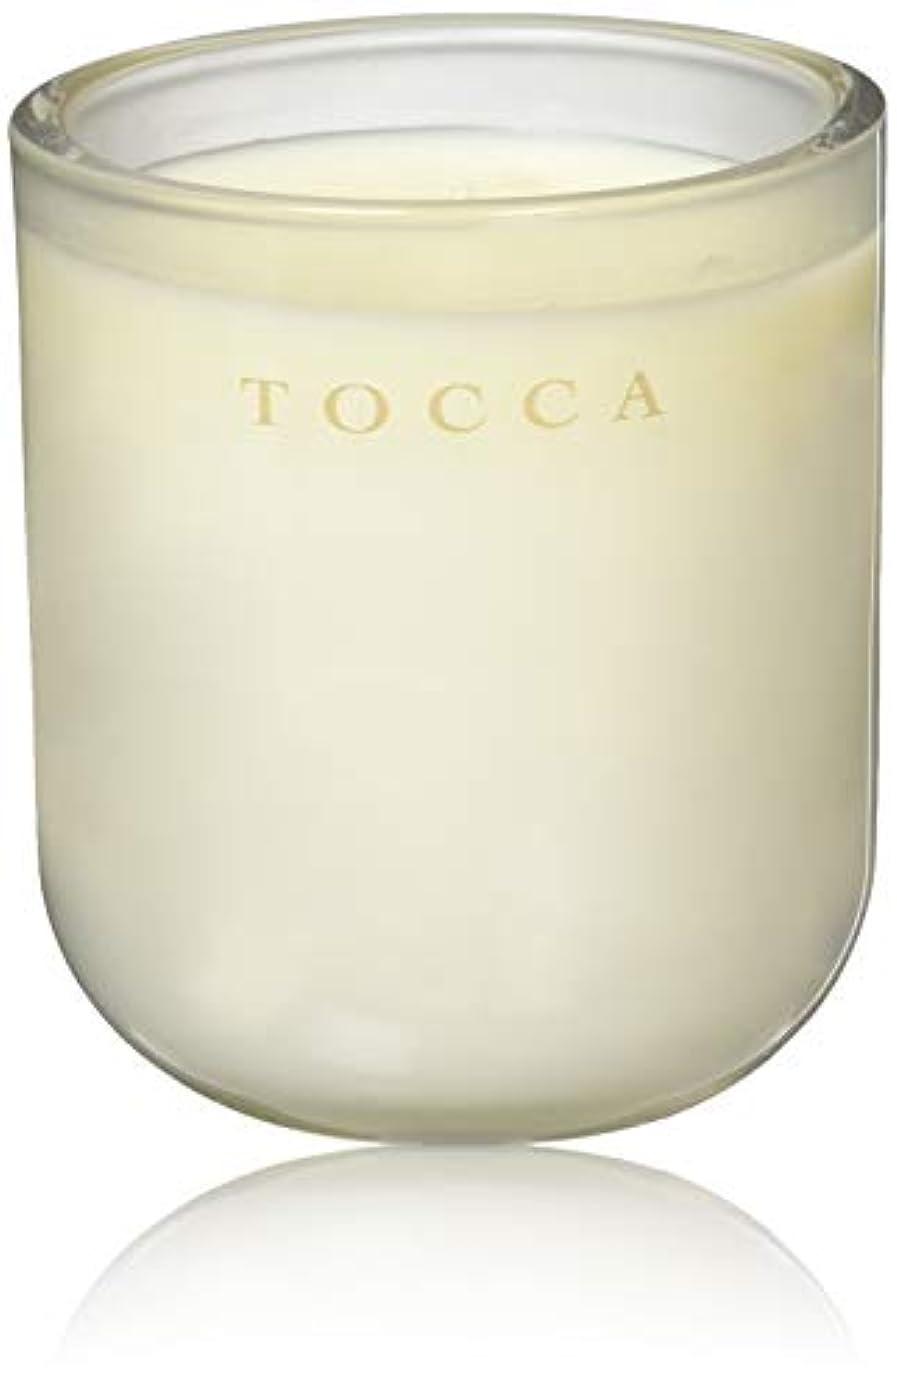 流暢置換払い戻しTOCCA(トッカ) ボヤージュ キャンドル モントーク 287g (ろうそく 芳香 キューカンバーの爽やかな香り)